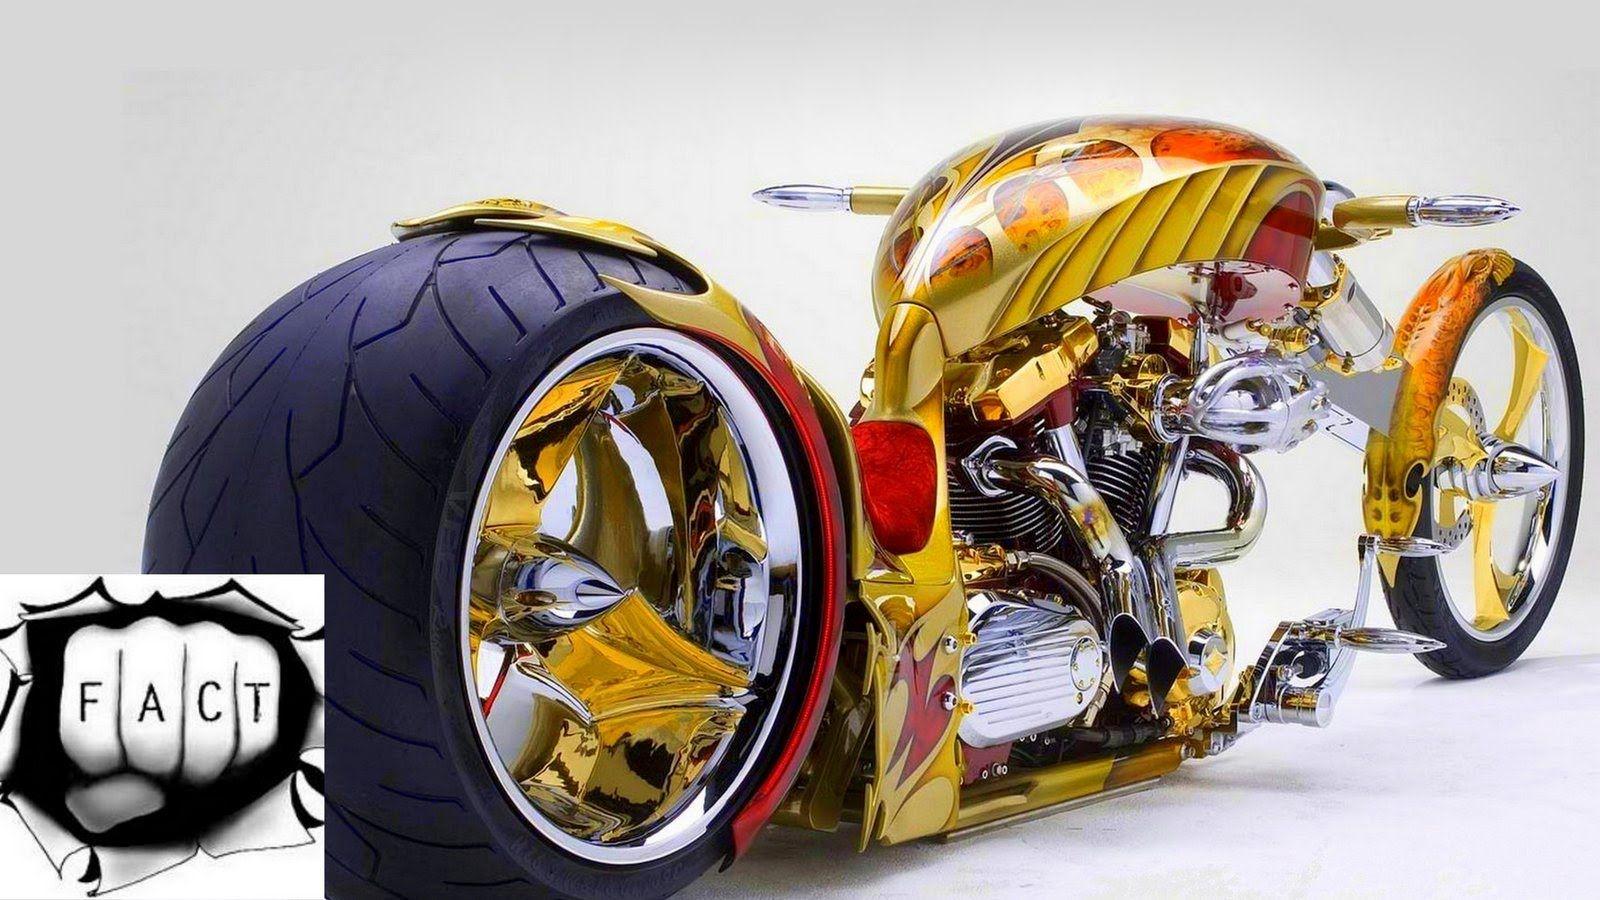 Top 10 Most Expensive Bikes Electric Bike Kits Bike Custom Baggers